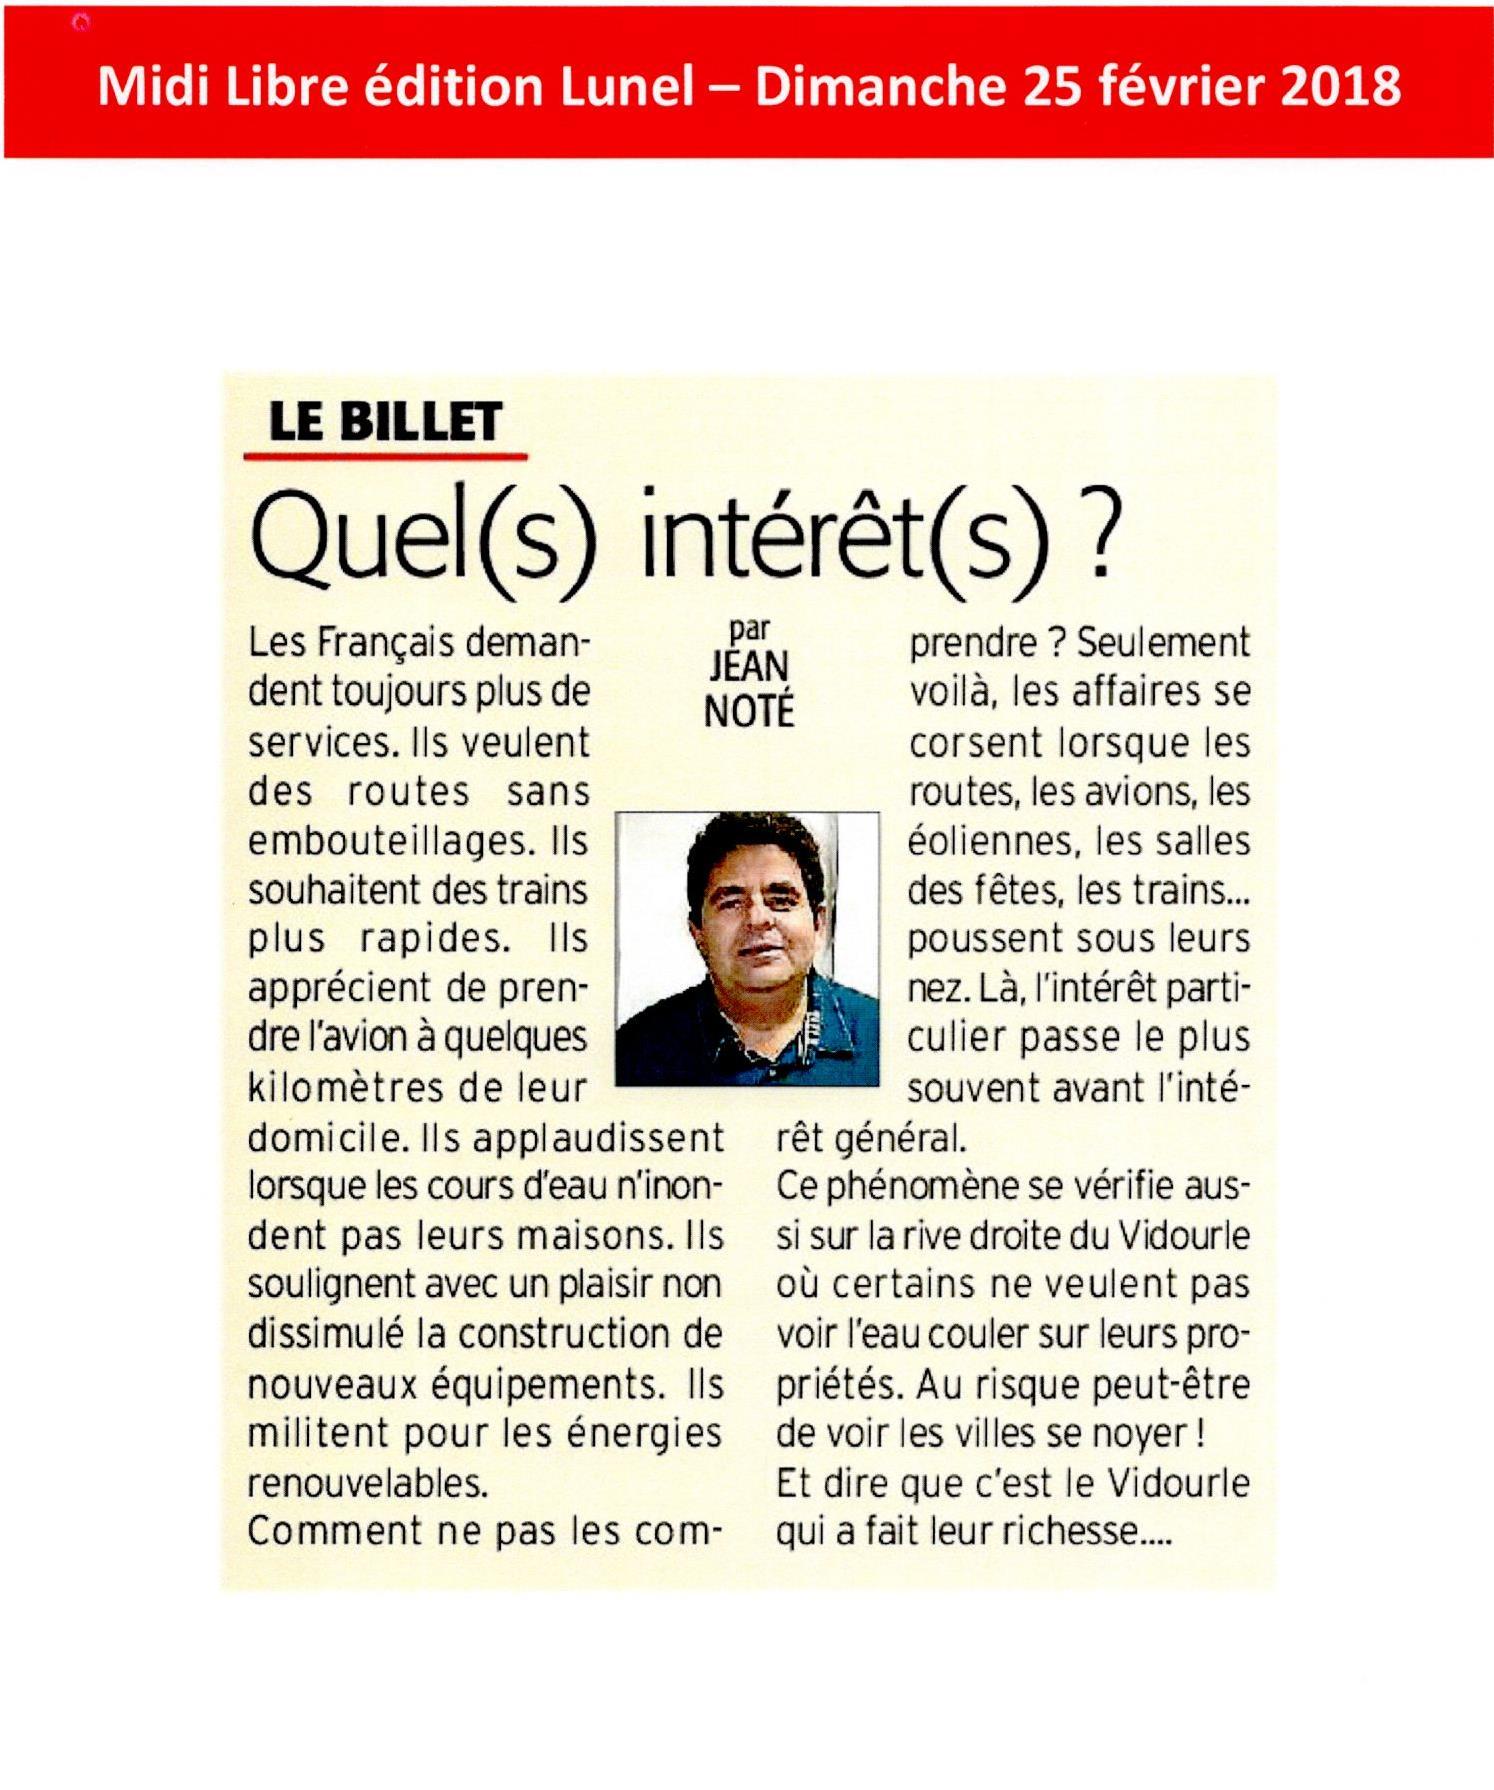 Le billet de Jean NOTE : Les aménagements de la rive droite : intérêts privés contre l'intérêt collectif.